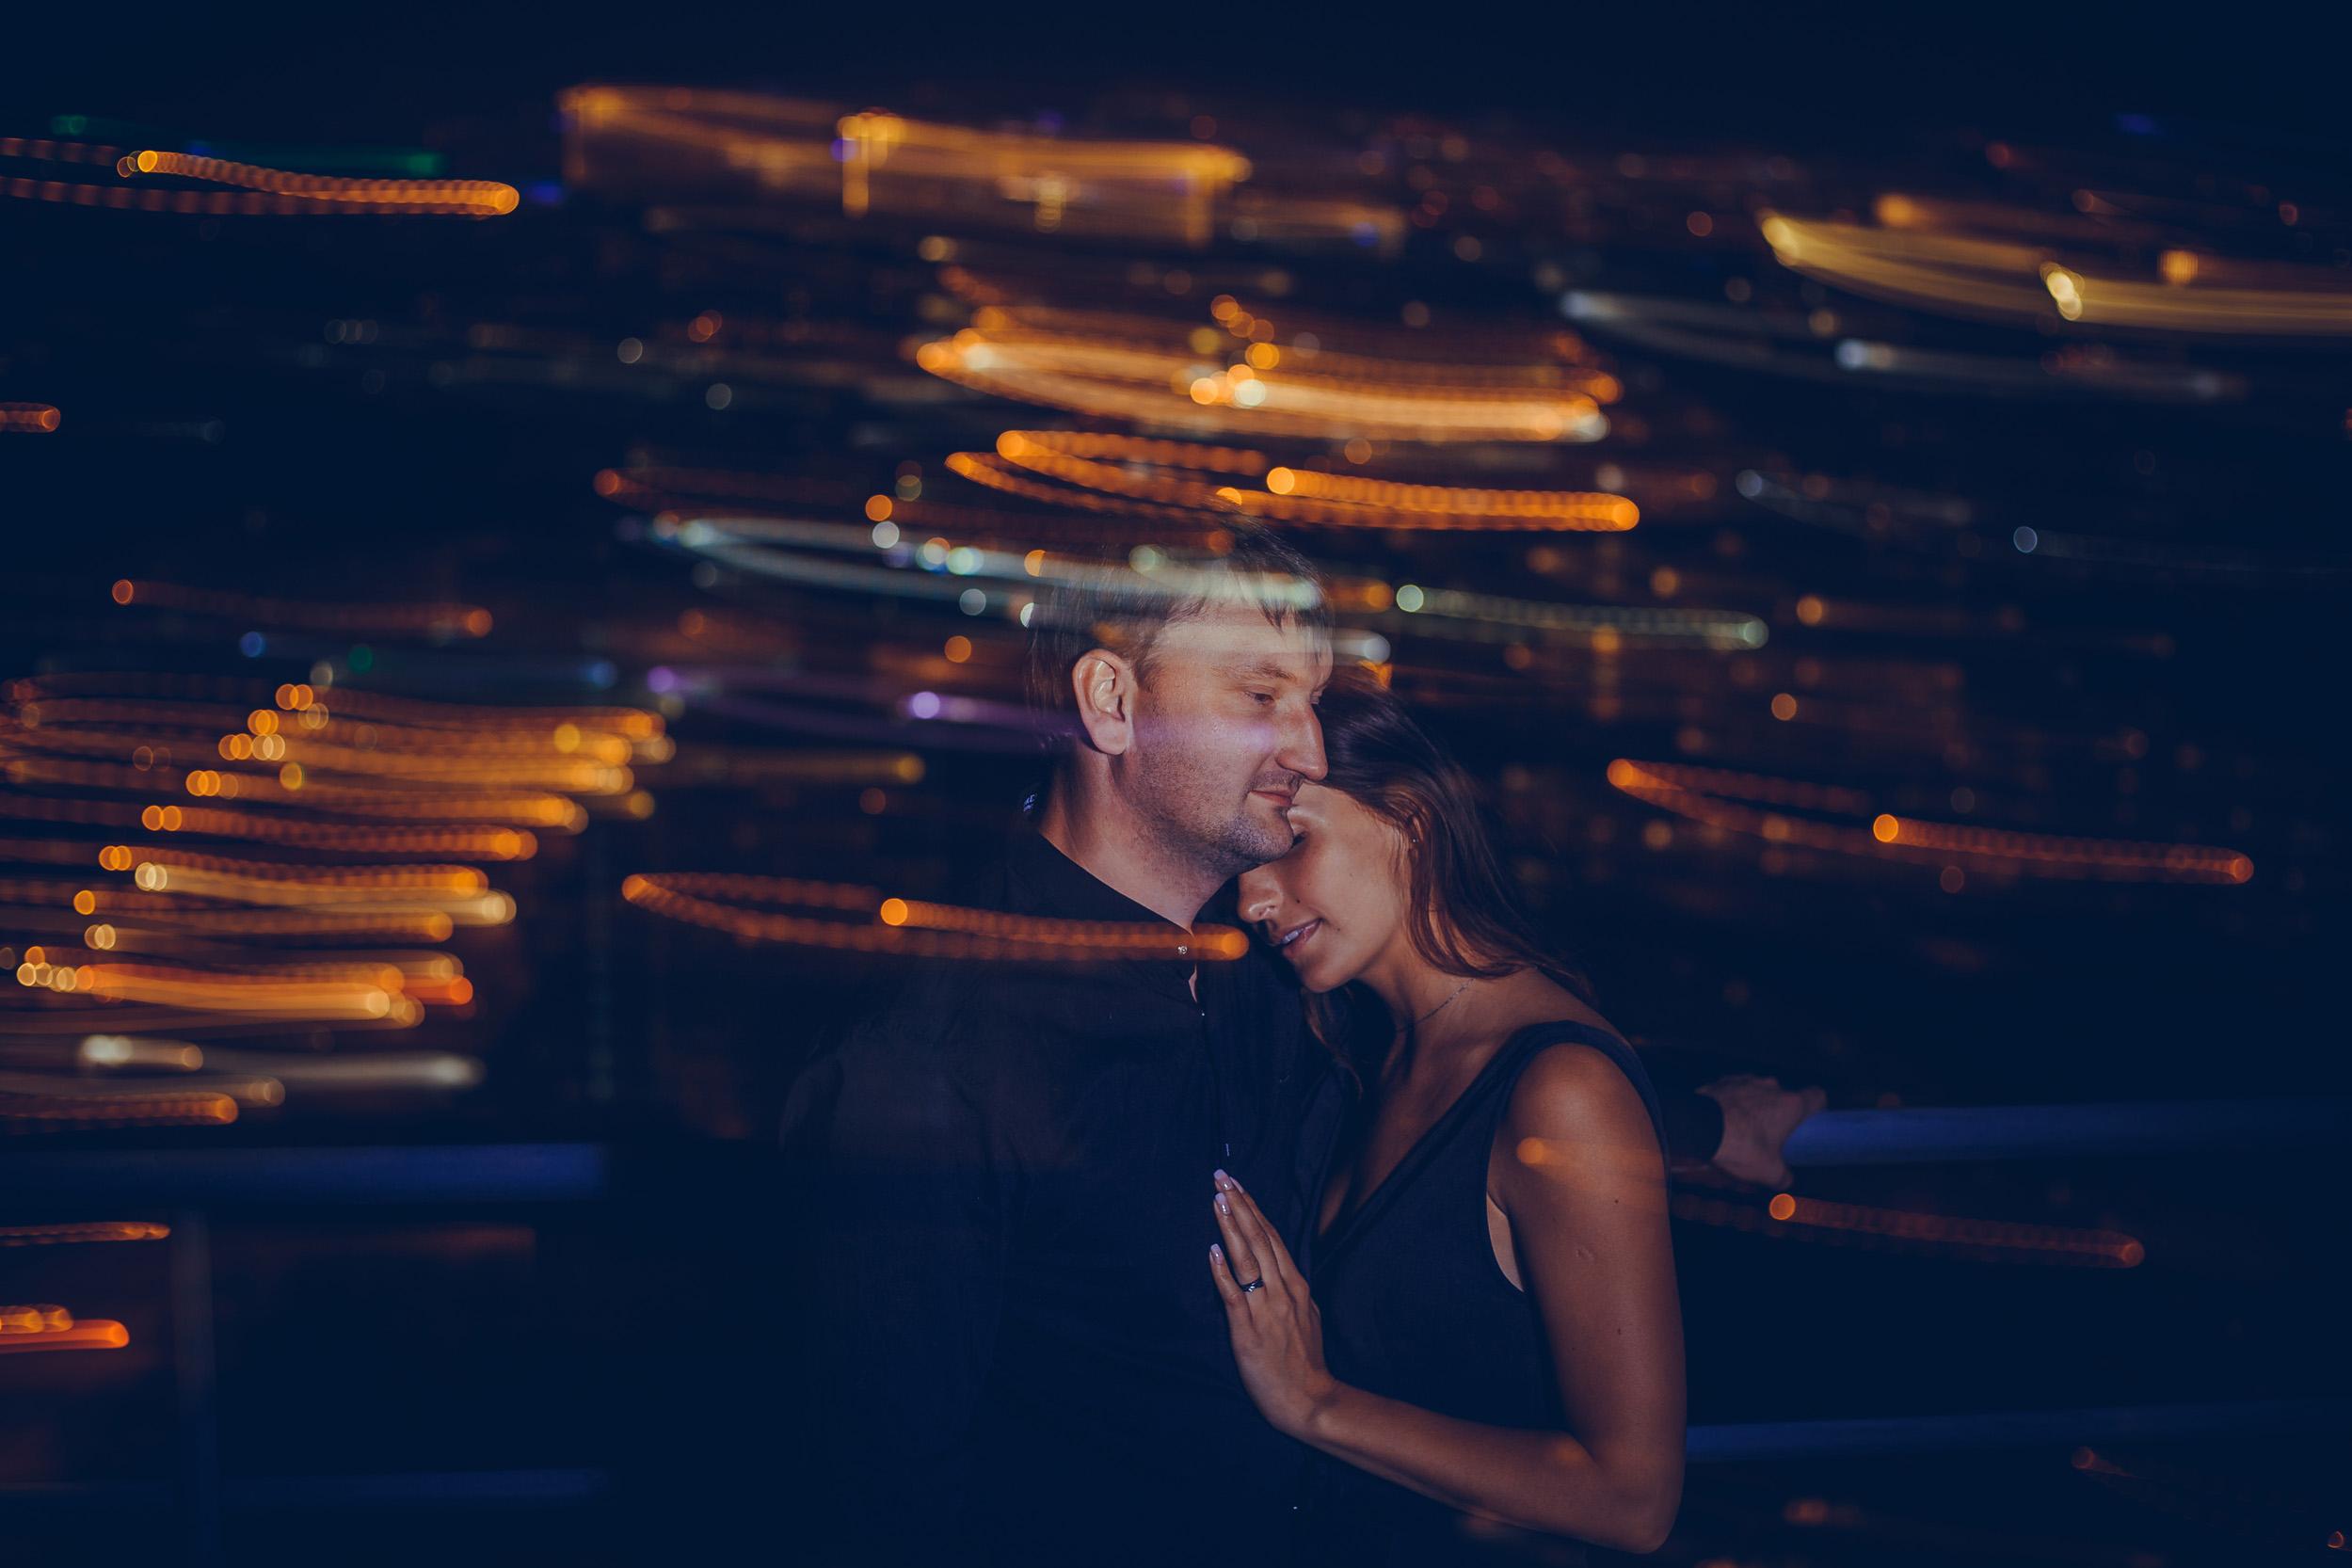 лавстори на фоне ночного города, влюблённая пара фото ночью